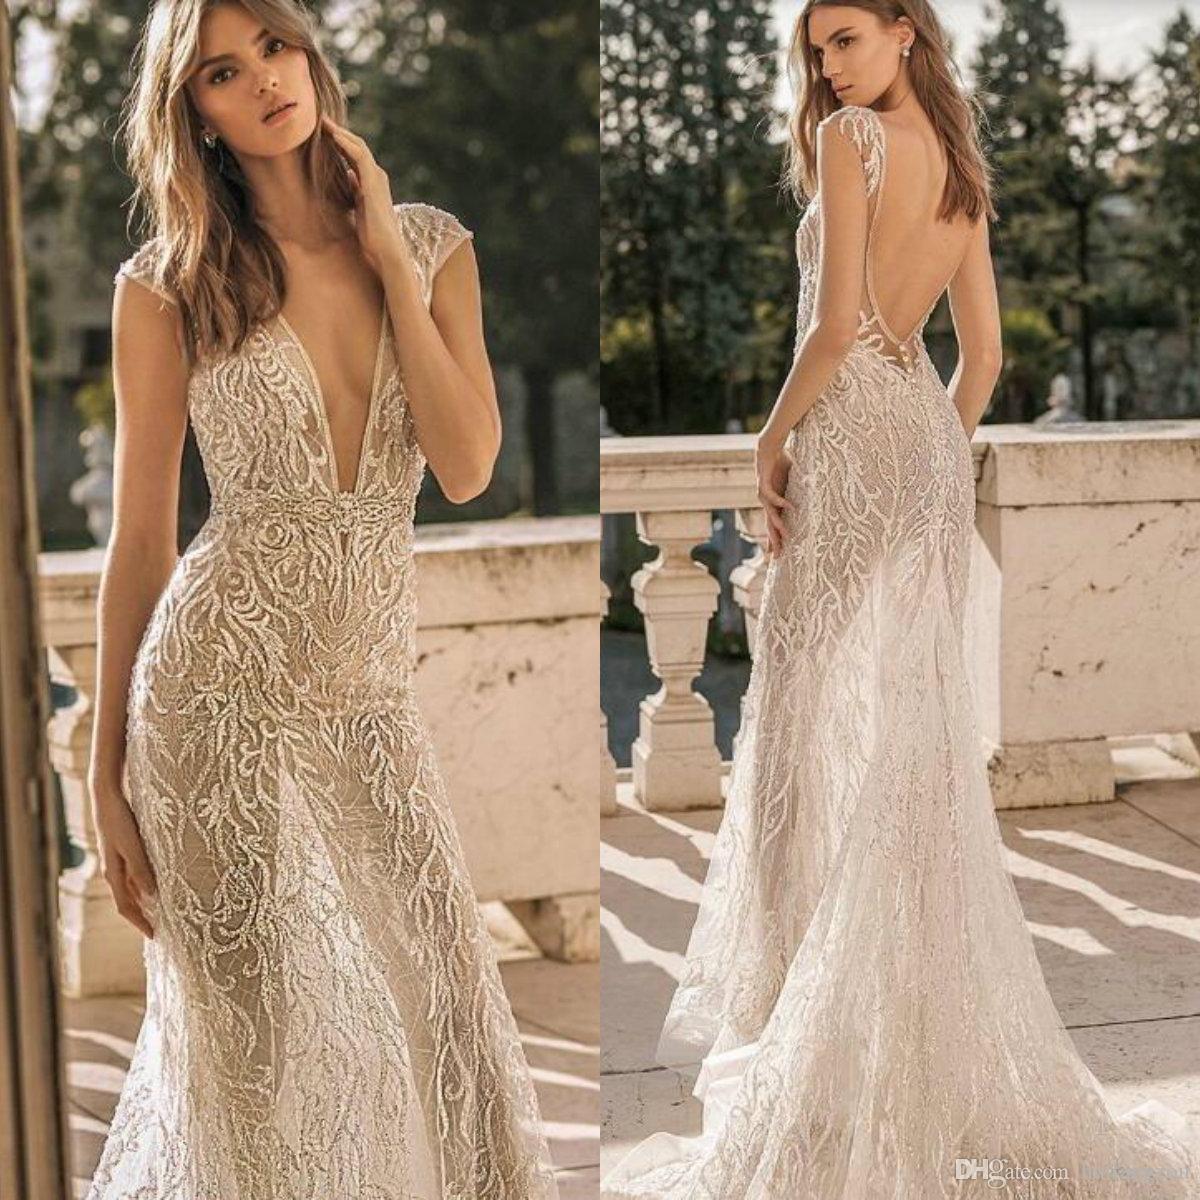 Berta 2019 Brautkleider Tiefem V Ausschnitt Luxus Appliques Perlen Meerjungfrau Hochzeitskleid Flugelarmeln Pailletten Backless Brautkleider